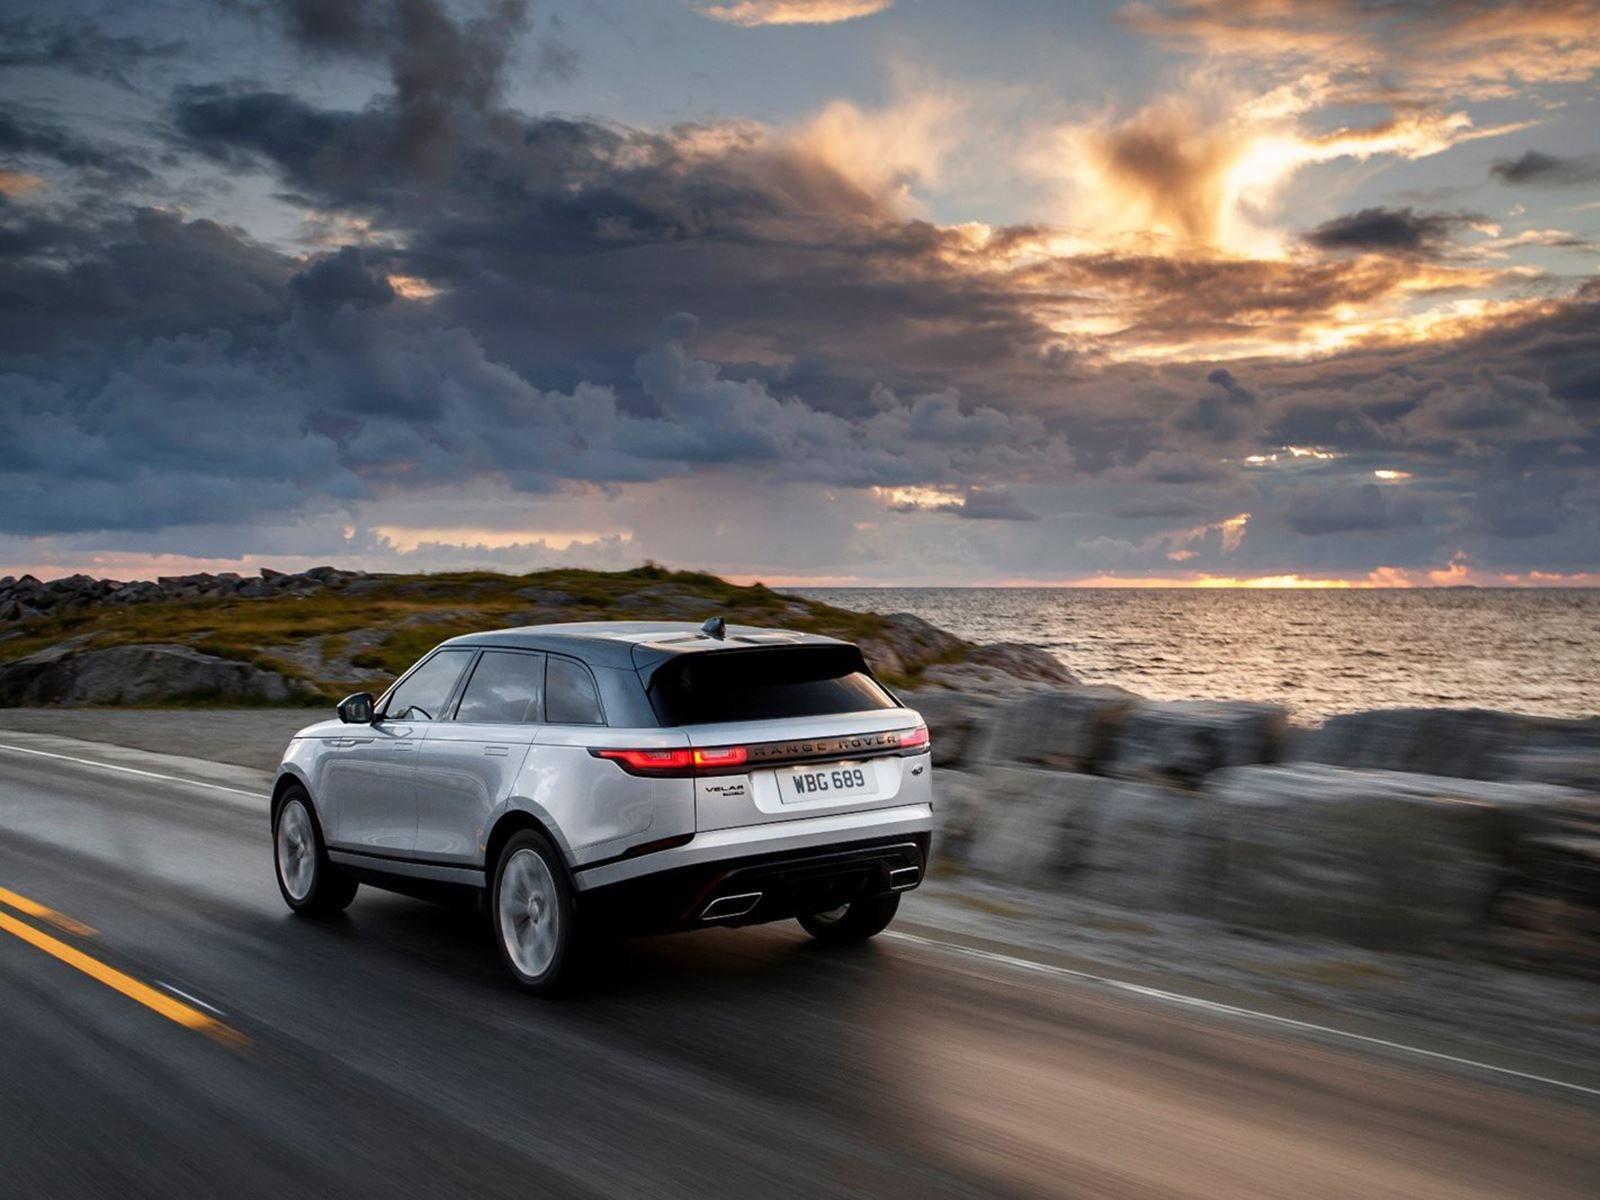 Jaguar Land Rover в настоящее время не предлагает кабриолет Range Rover Velar, и, насколько нам известно, и не намерен. Однако Velar без крыши стал реальностью. Но это не уникальная спецификация, созданная специальными Jaguar Land Rover. Нет, то, что